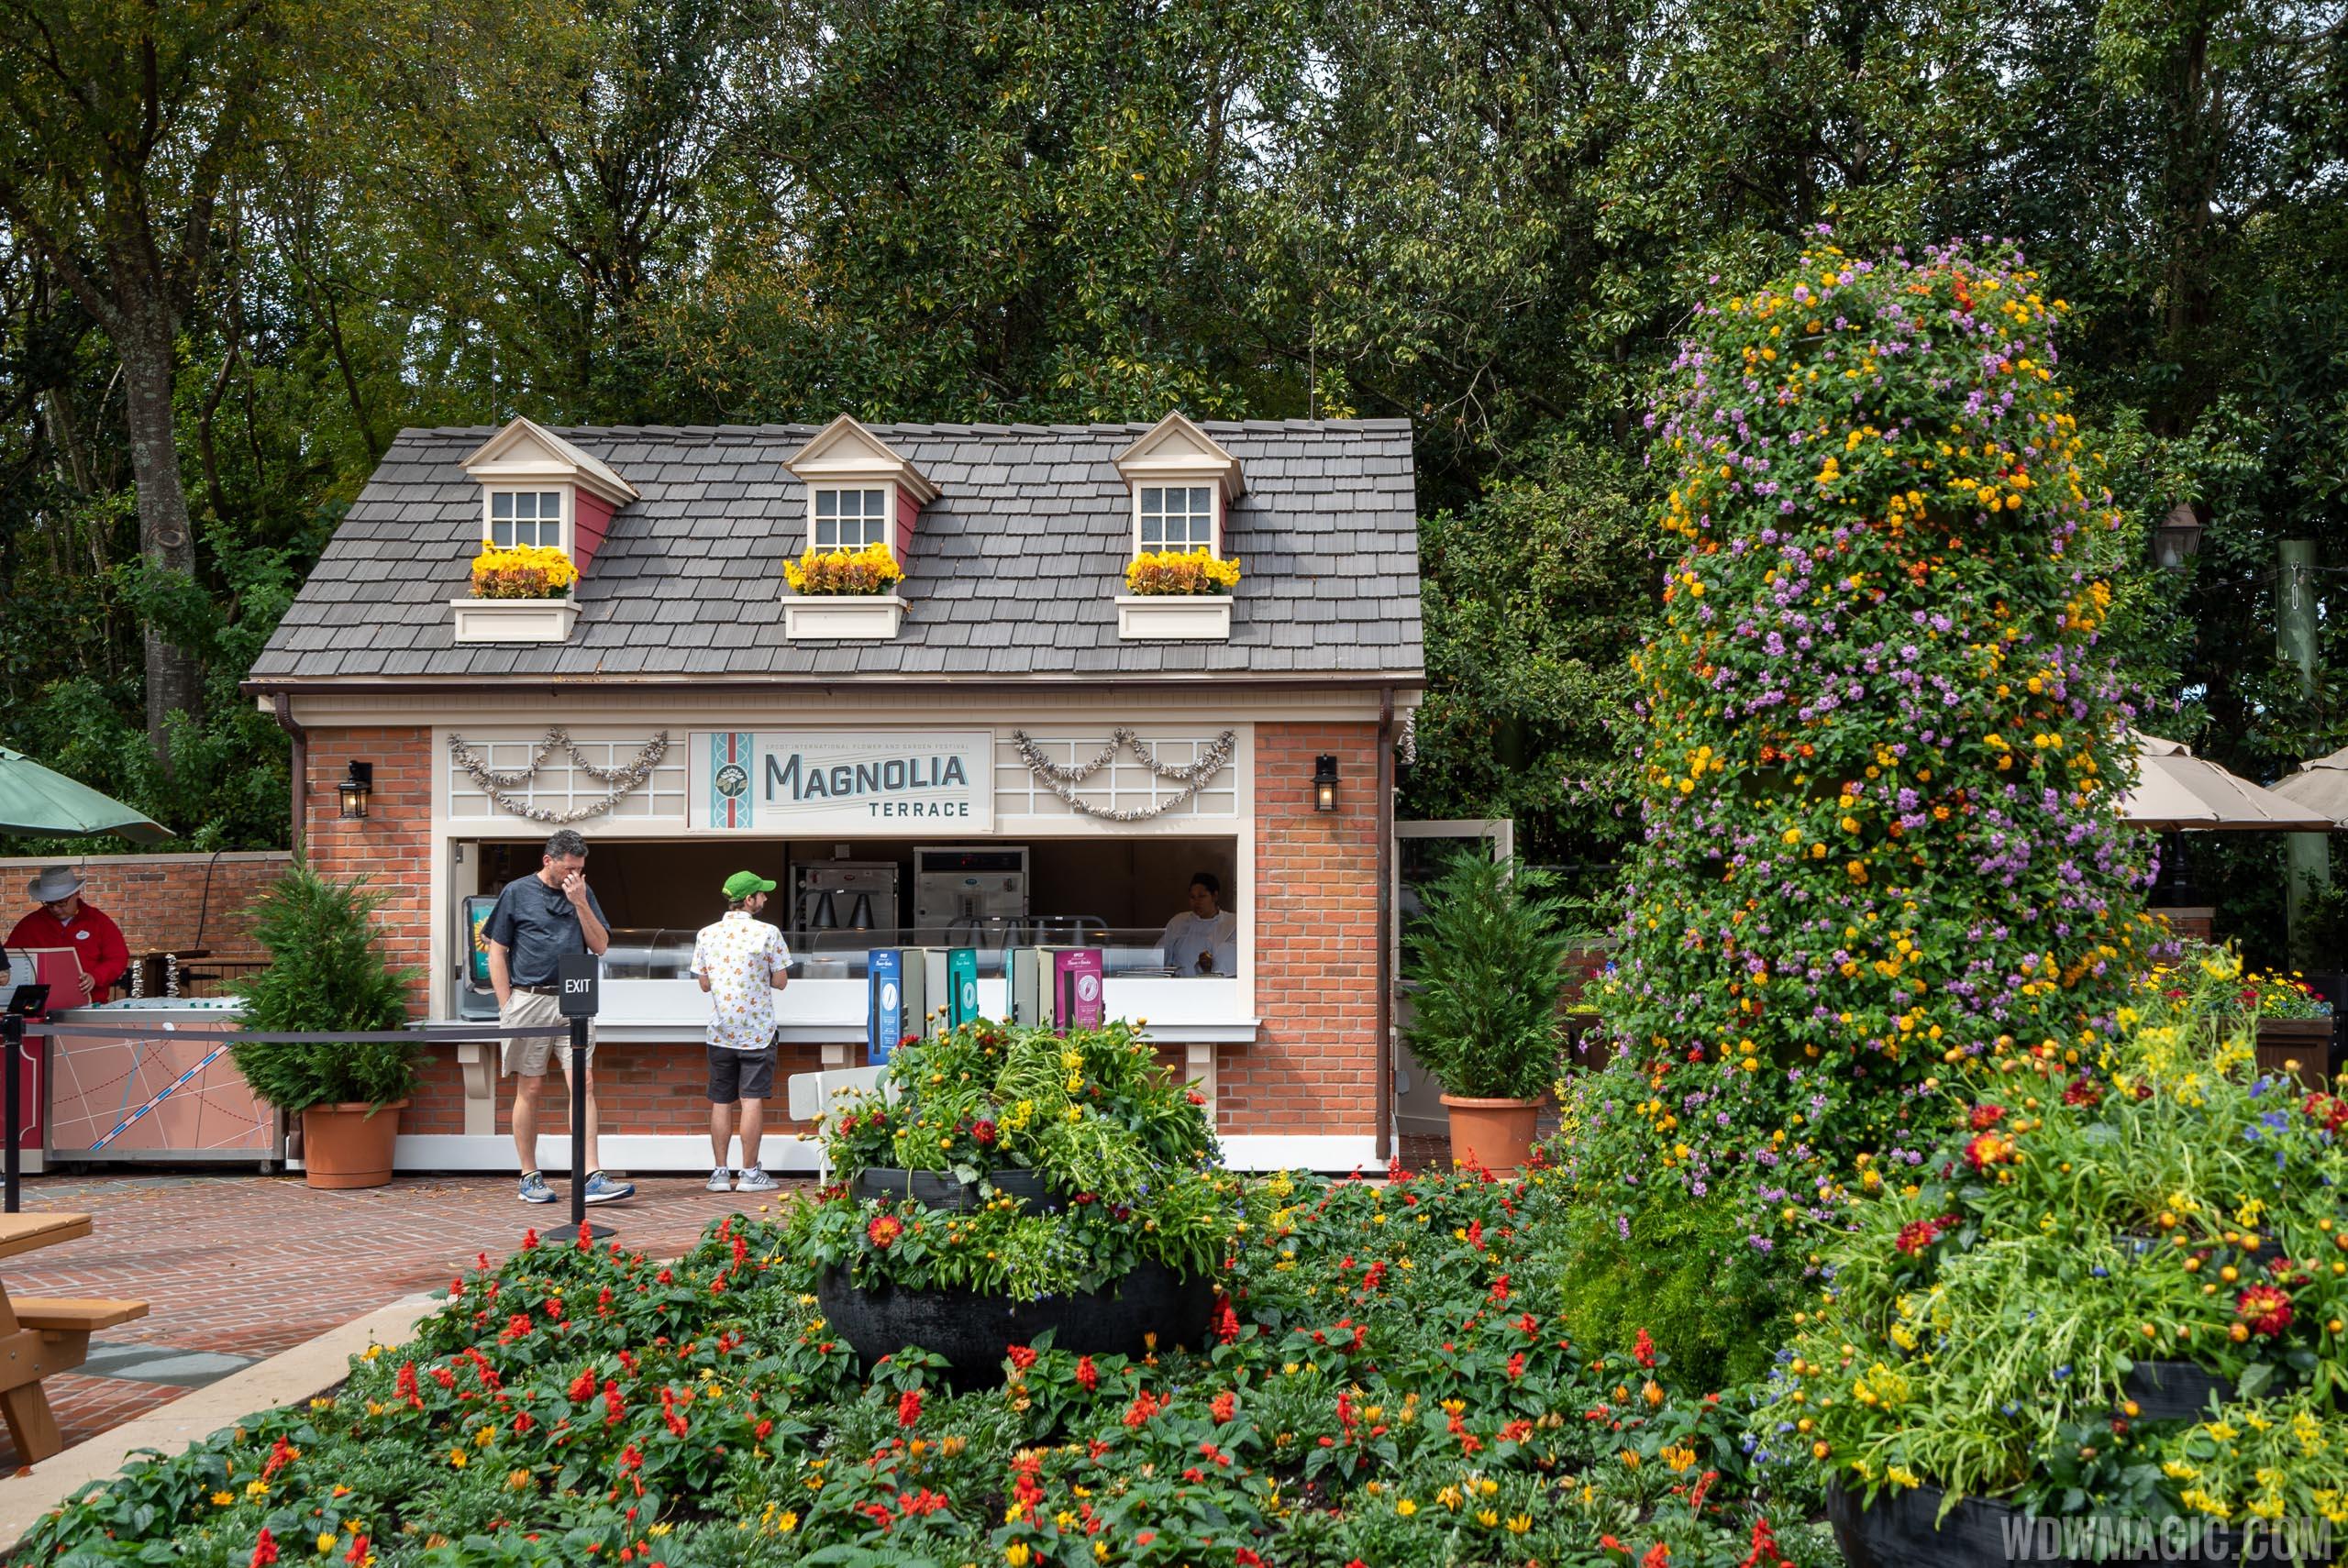 2020 Epcot Flower and Garden Festival Outdoor Kitchen kiosks - Magnolia Terra